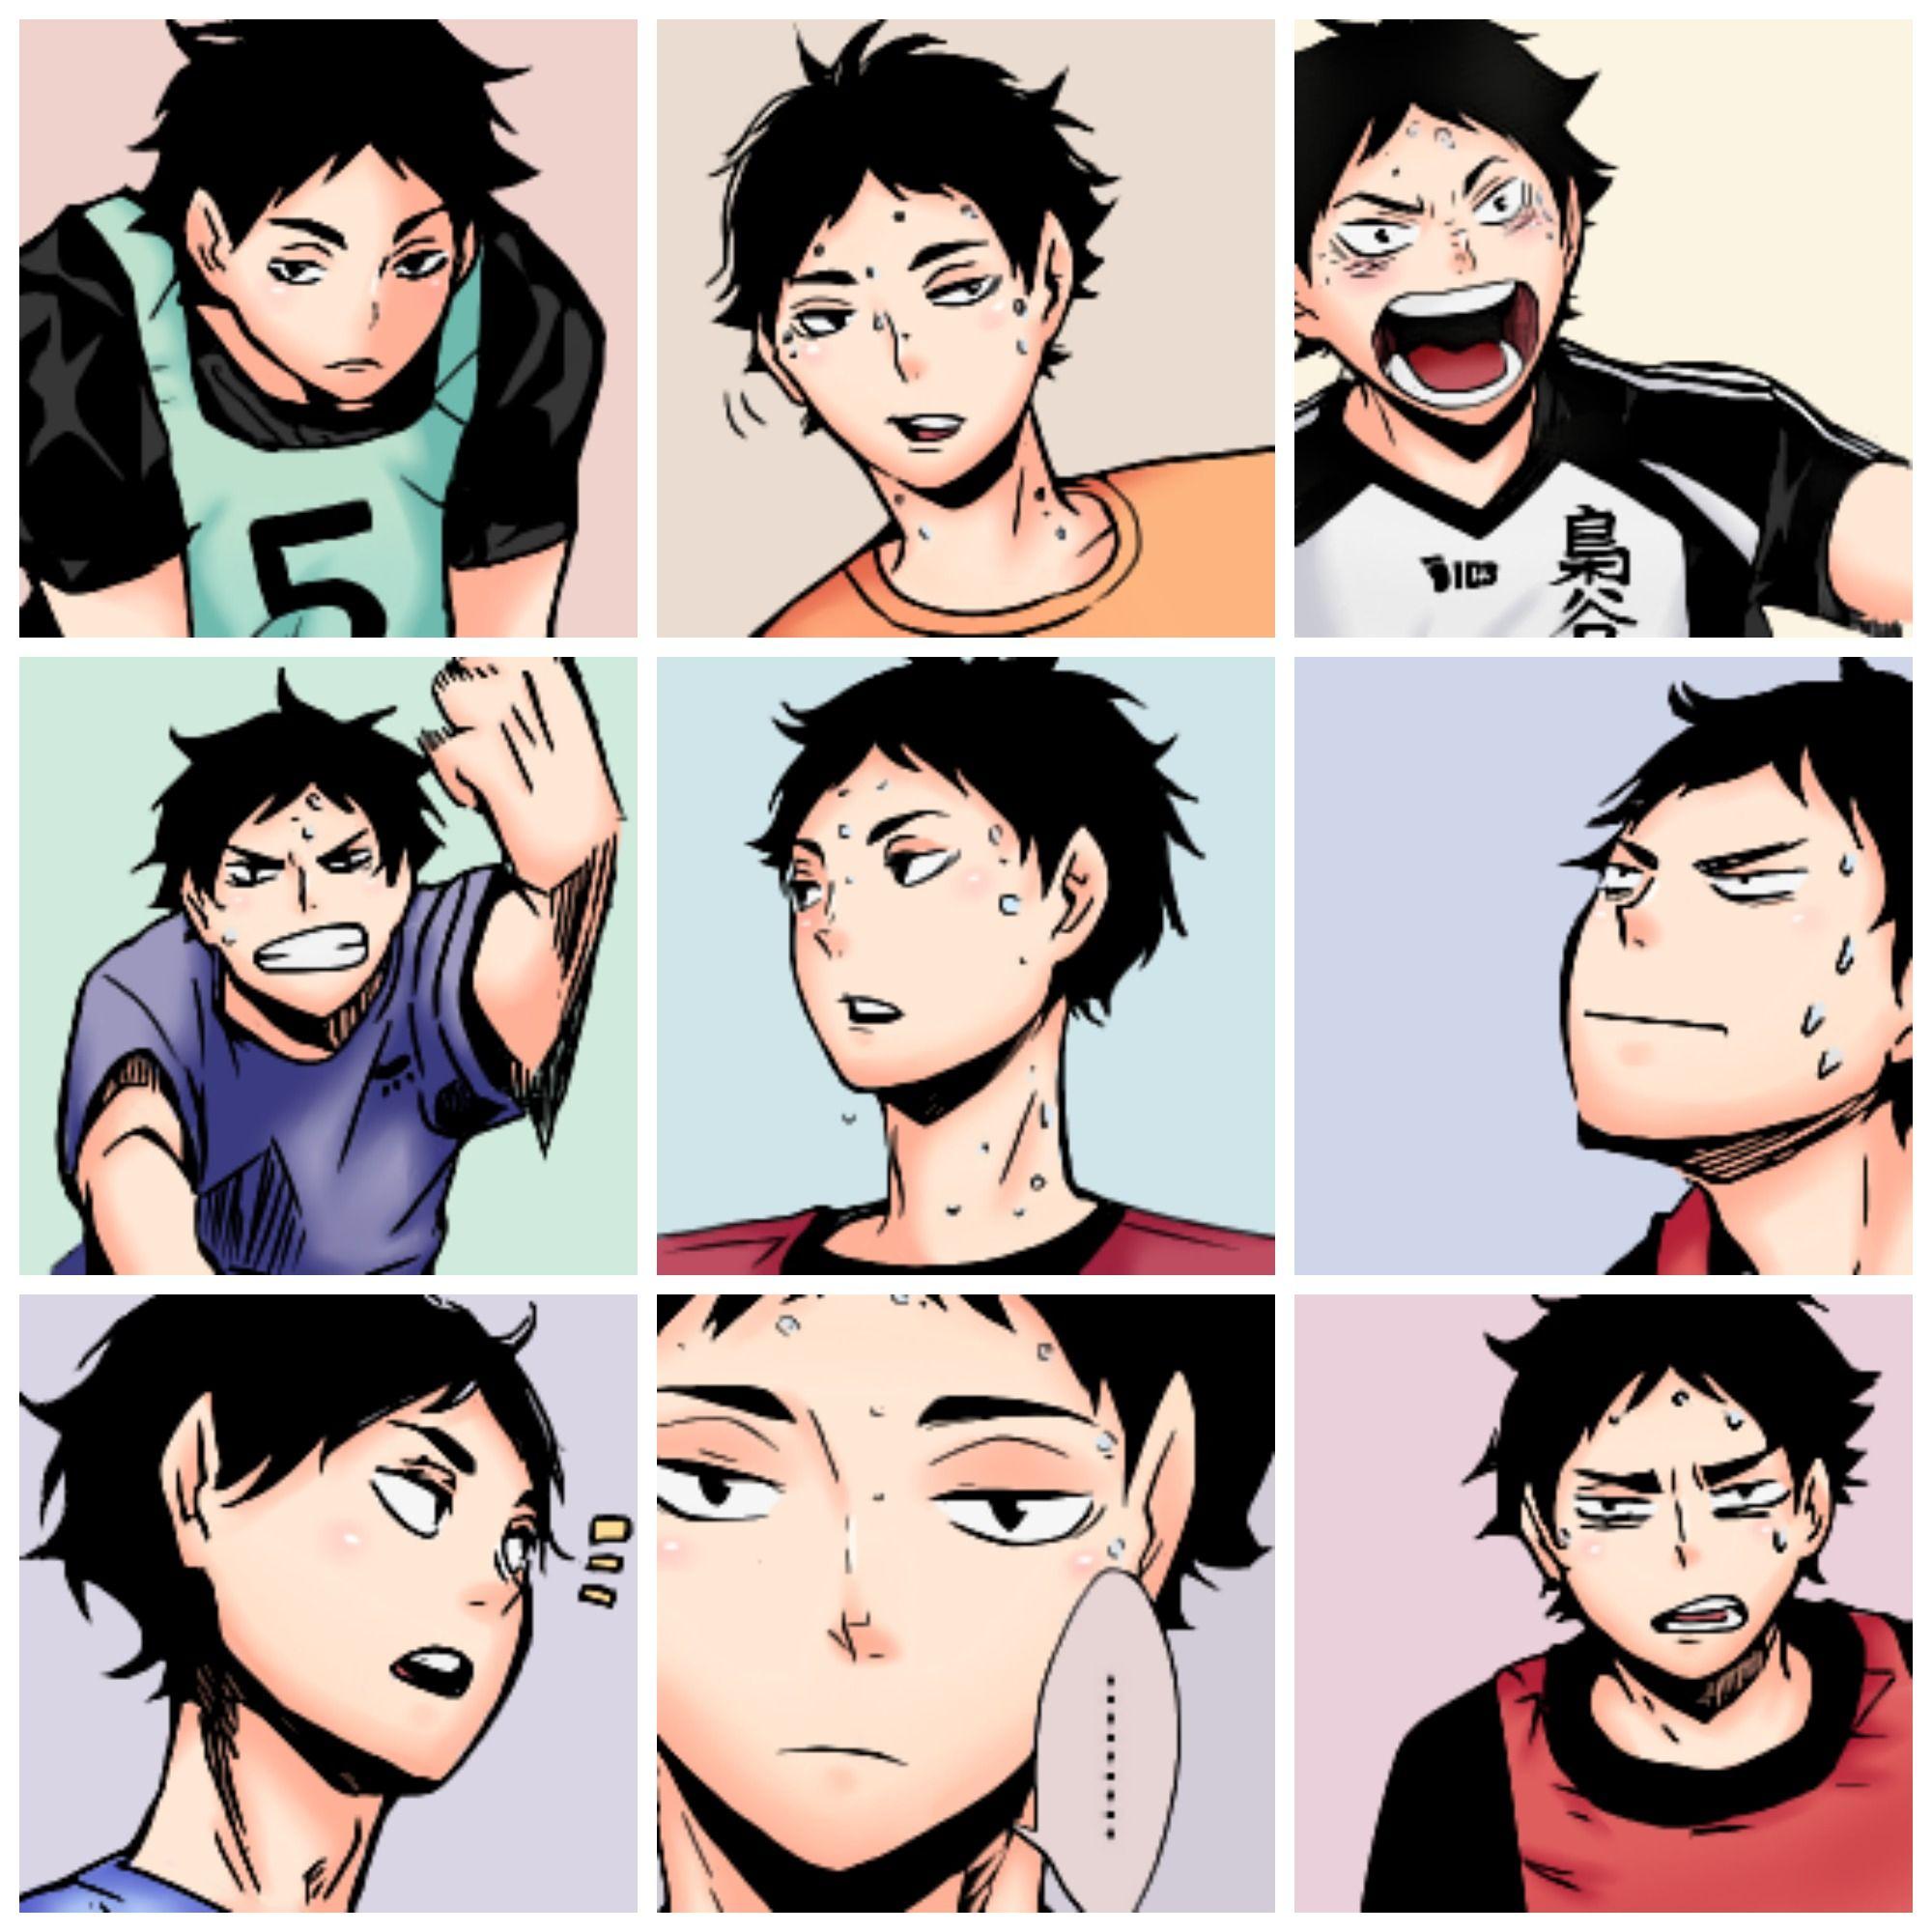 Akaashi Keiji [Fukurodani] ~ Haikyuu!! (Anime, Deportes, Shonen, Volleyball)